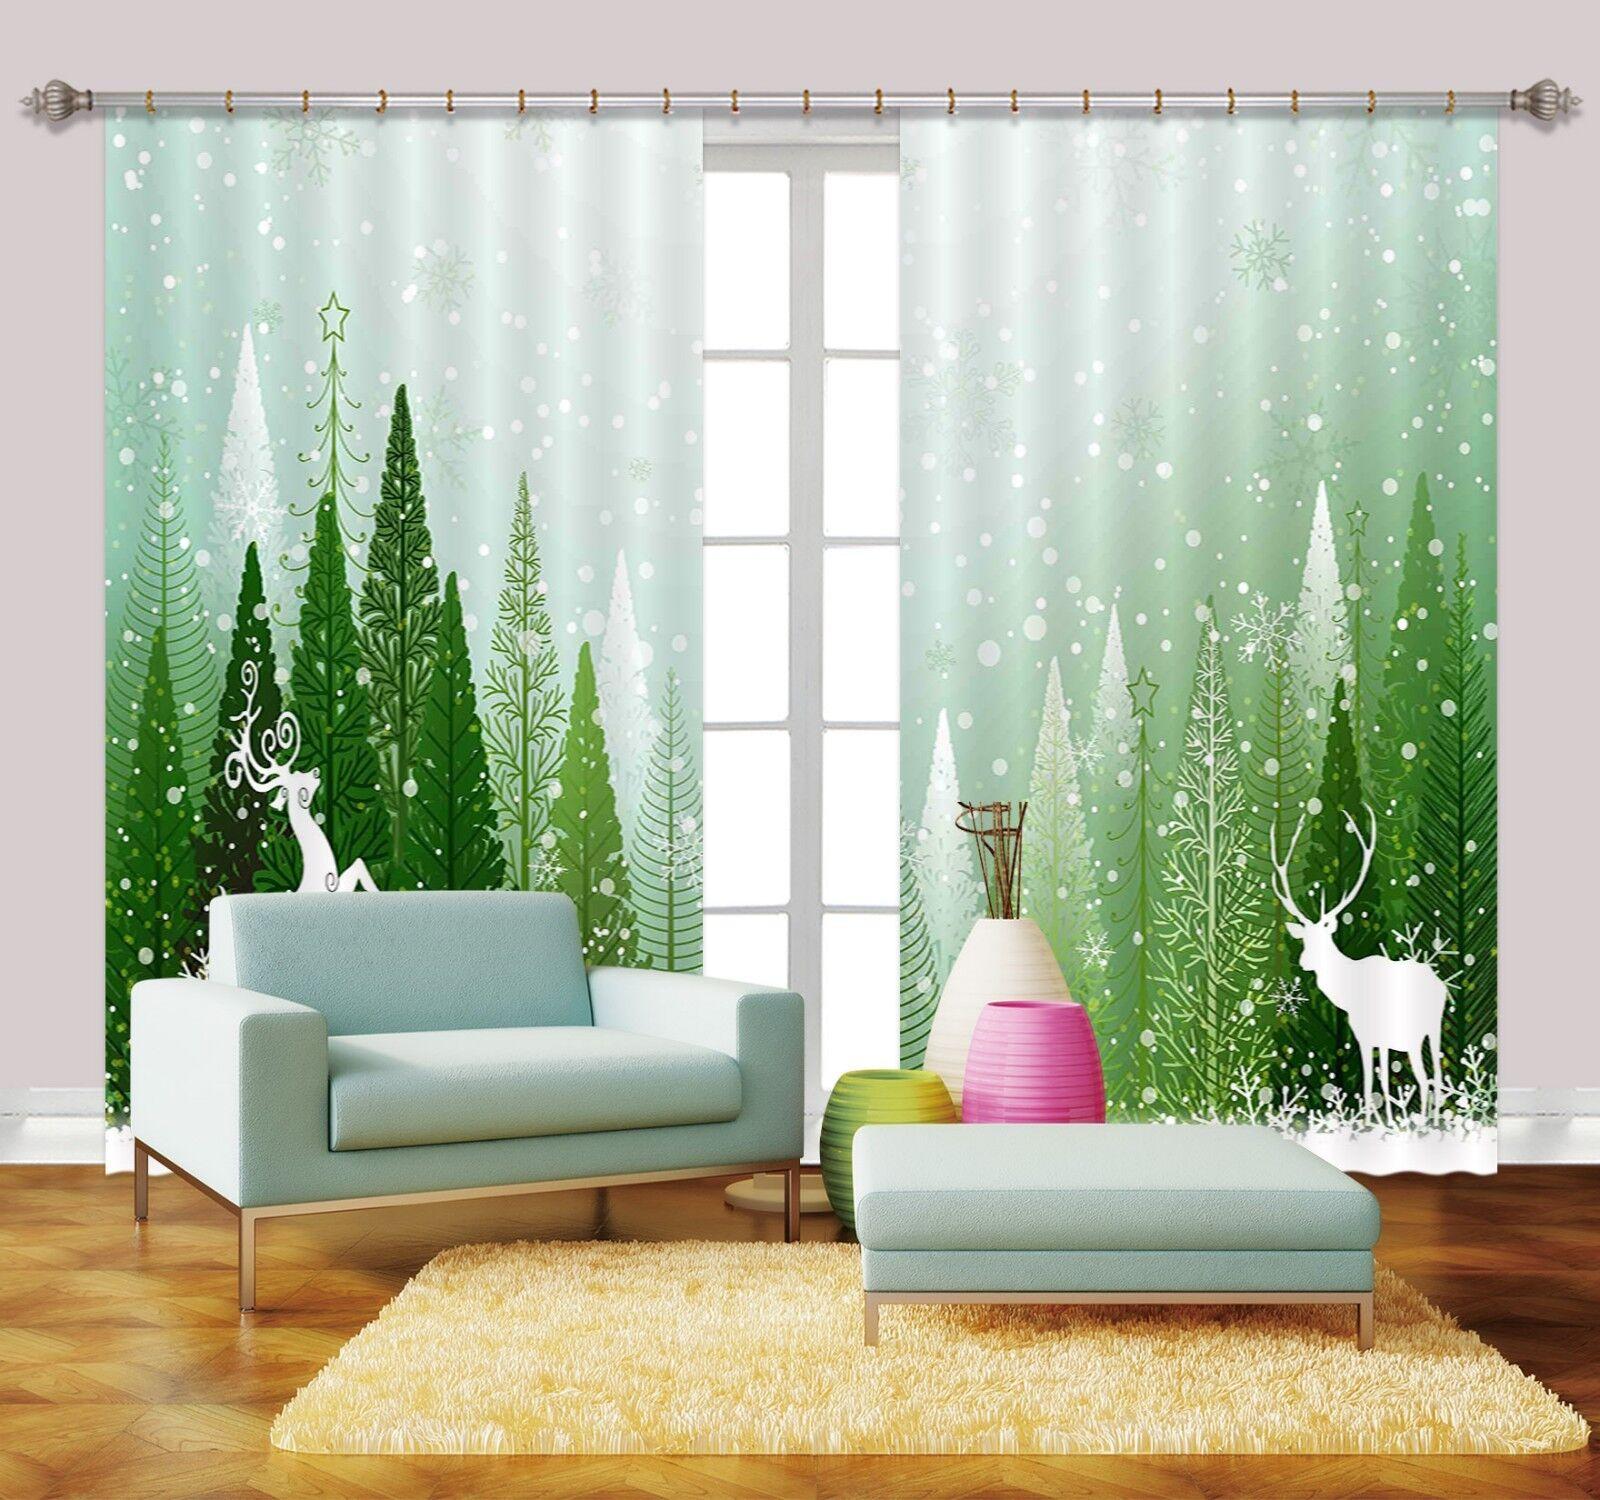 3d bosques Hirsch bloqueo 58 cortina de fotografía presión cortinas cortina de tela de ventana